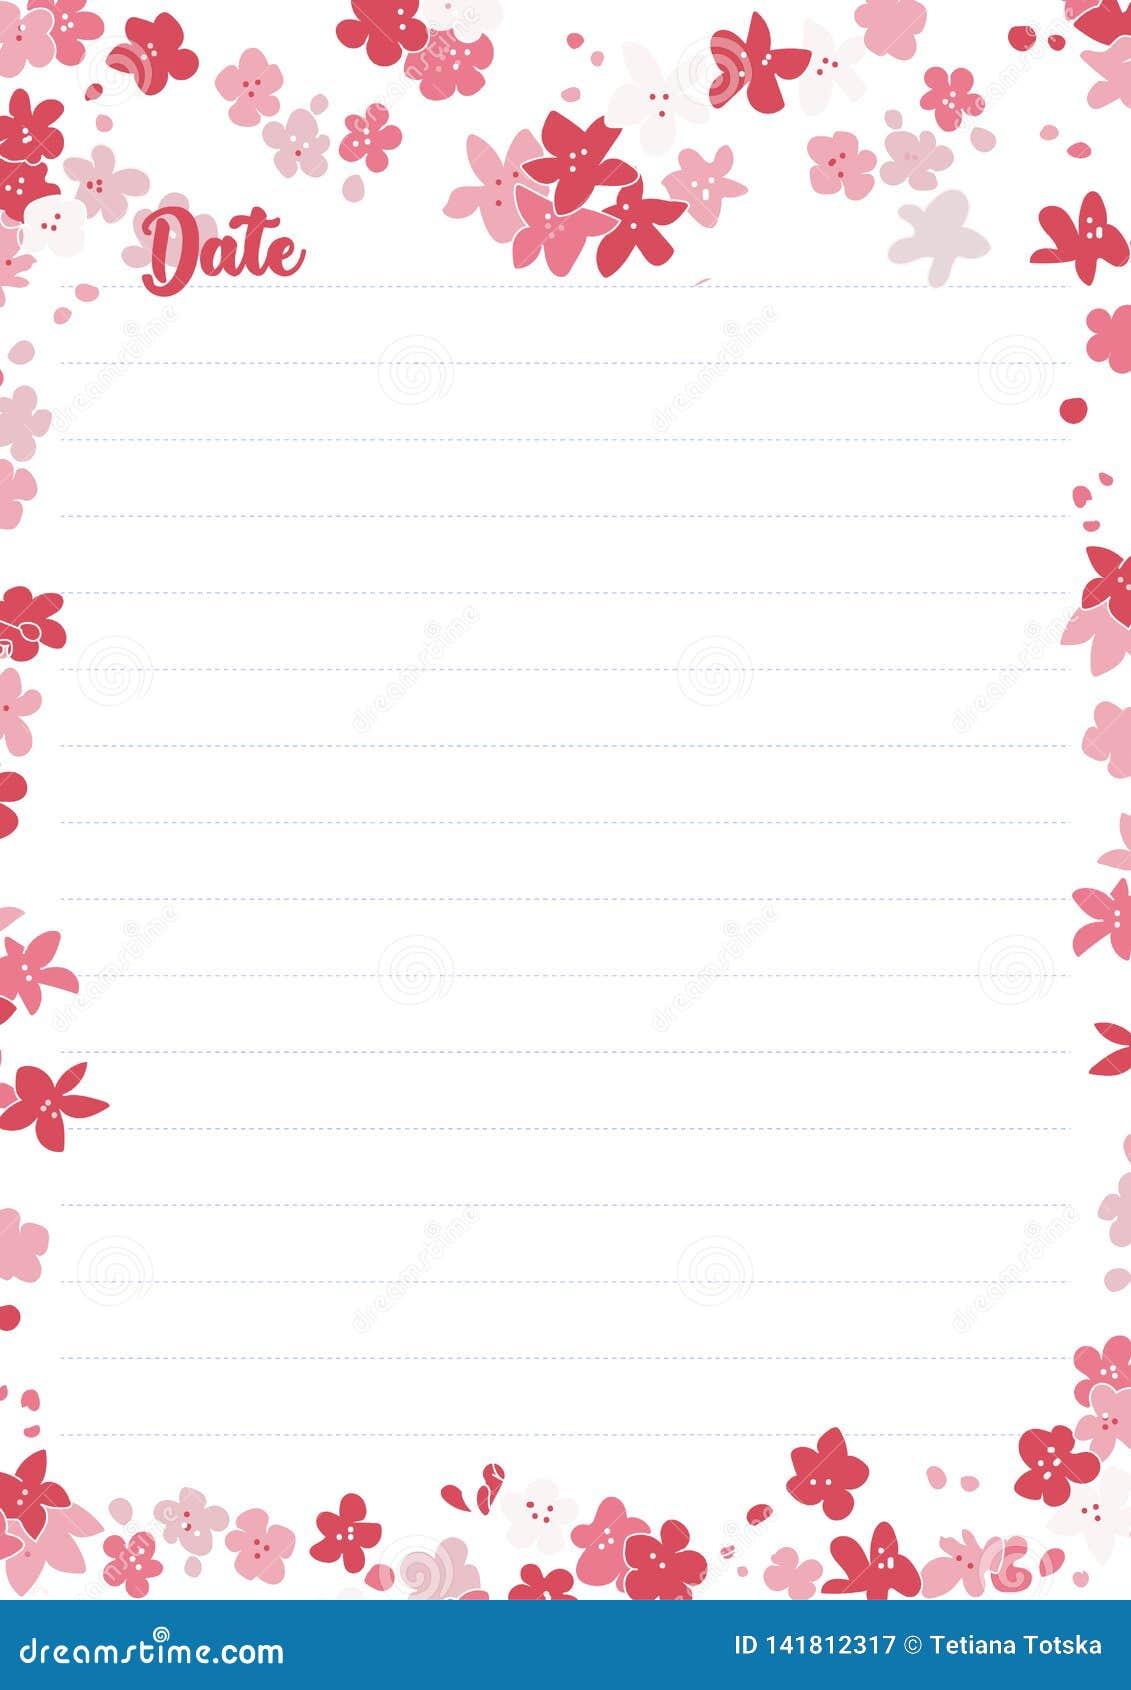 Vectordrukdocument nota, optimale A4-grootte Kawaiidocument voor notitieboekje, agenda, ontwerpers, brieven, nota s